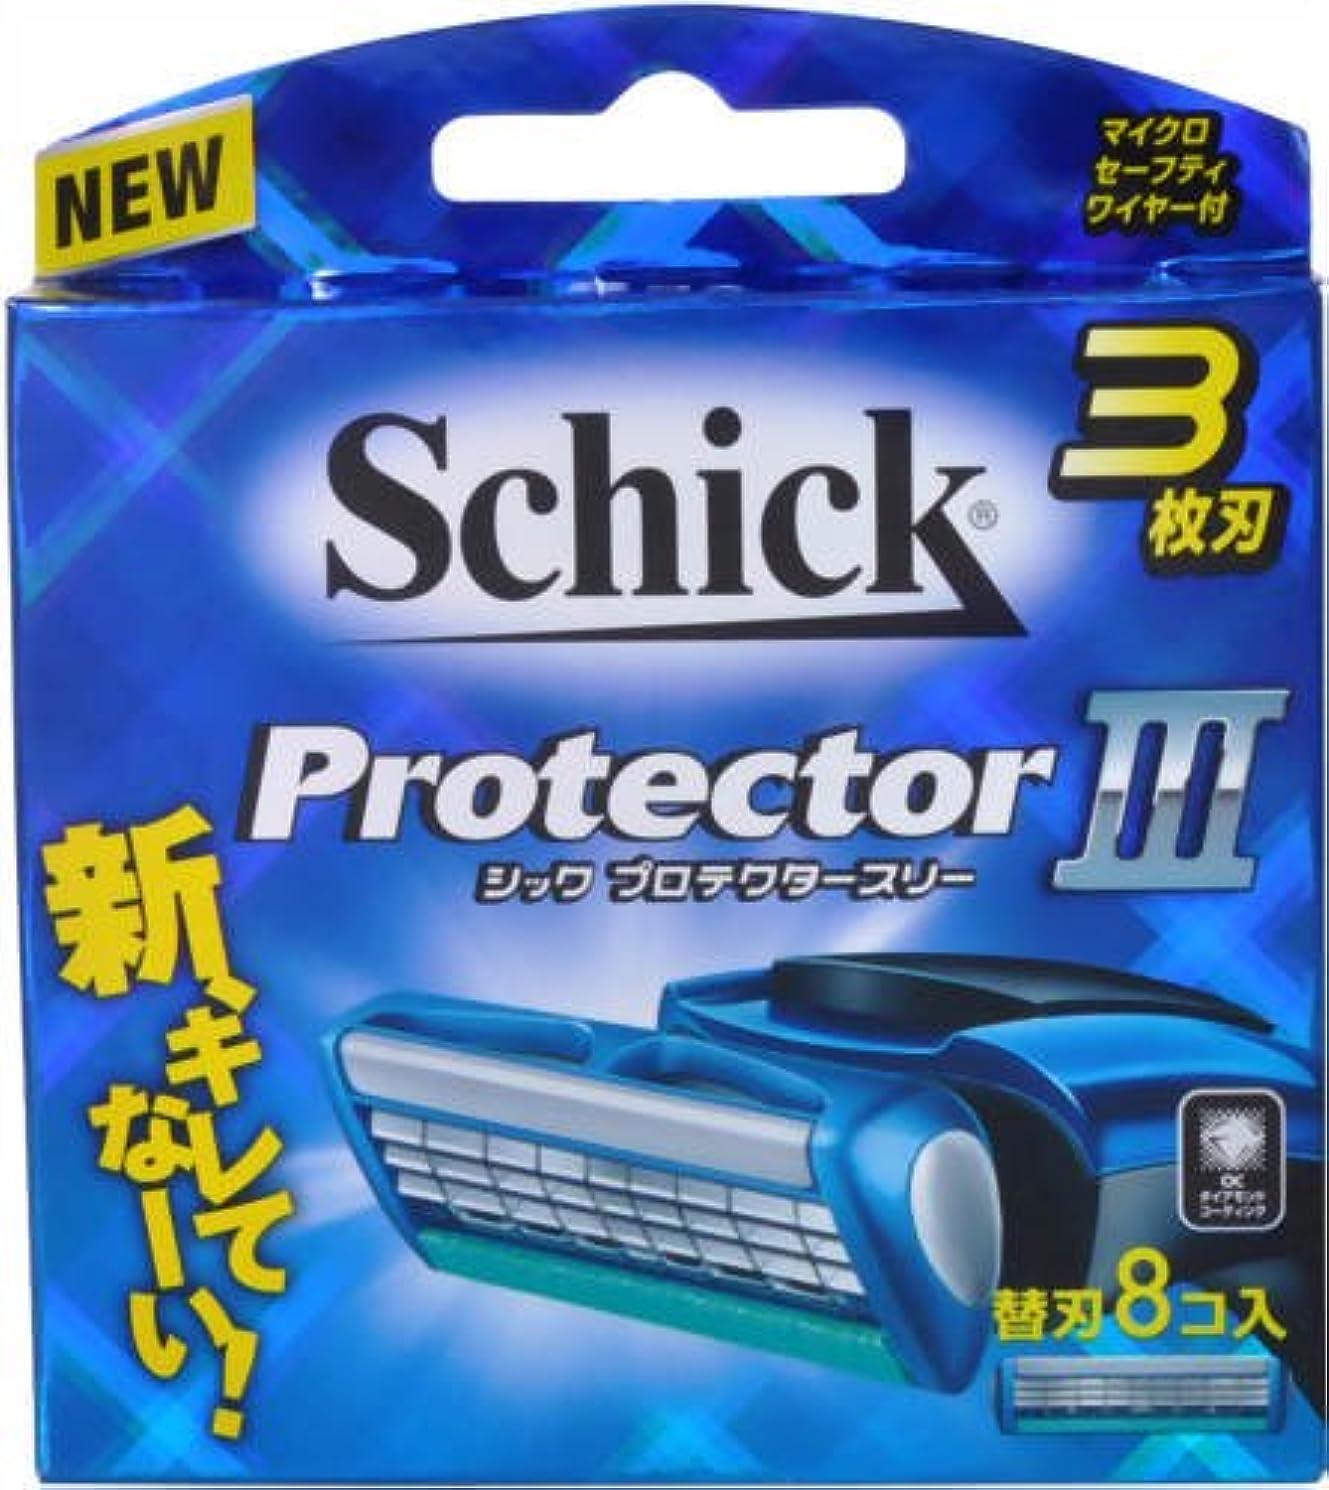 シック プロテクタースリー 替刃 (8コ入)